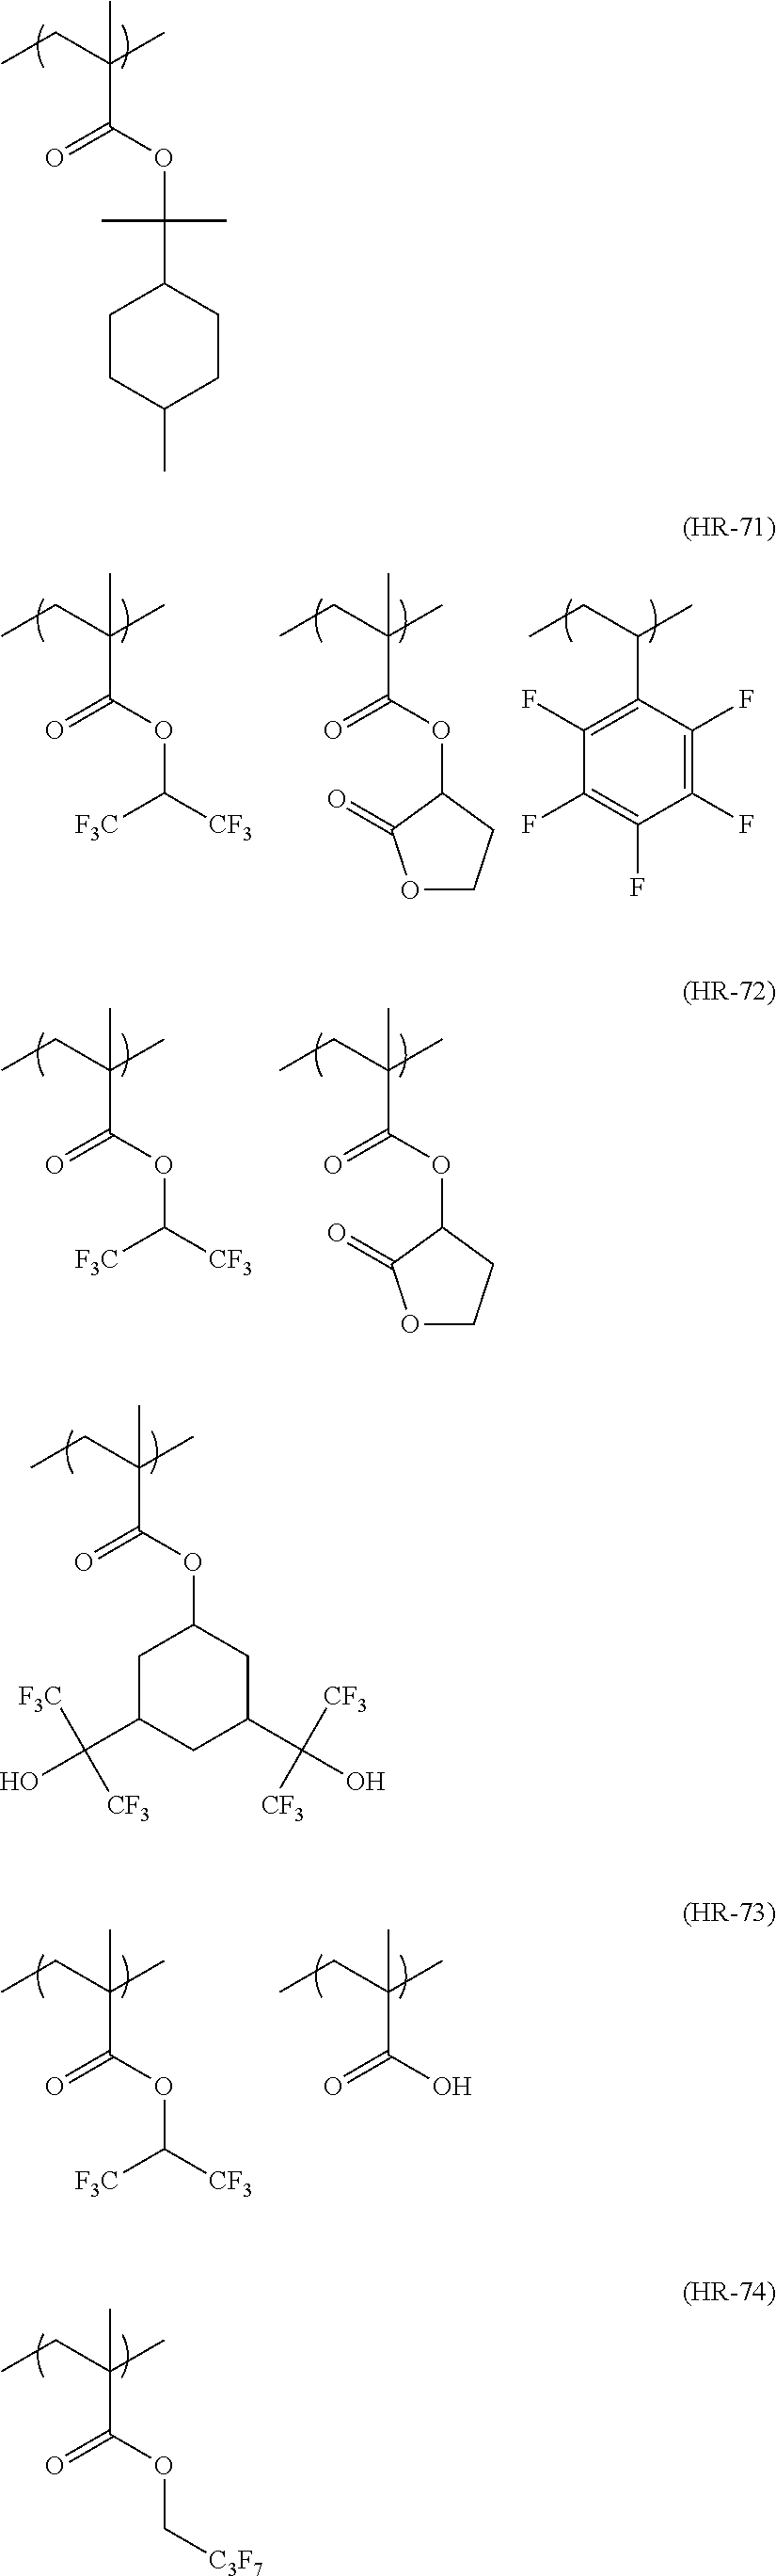 Figure US20110183258A1-20110728-C00126